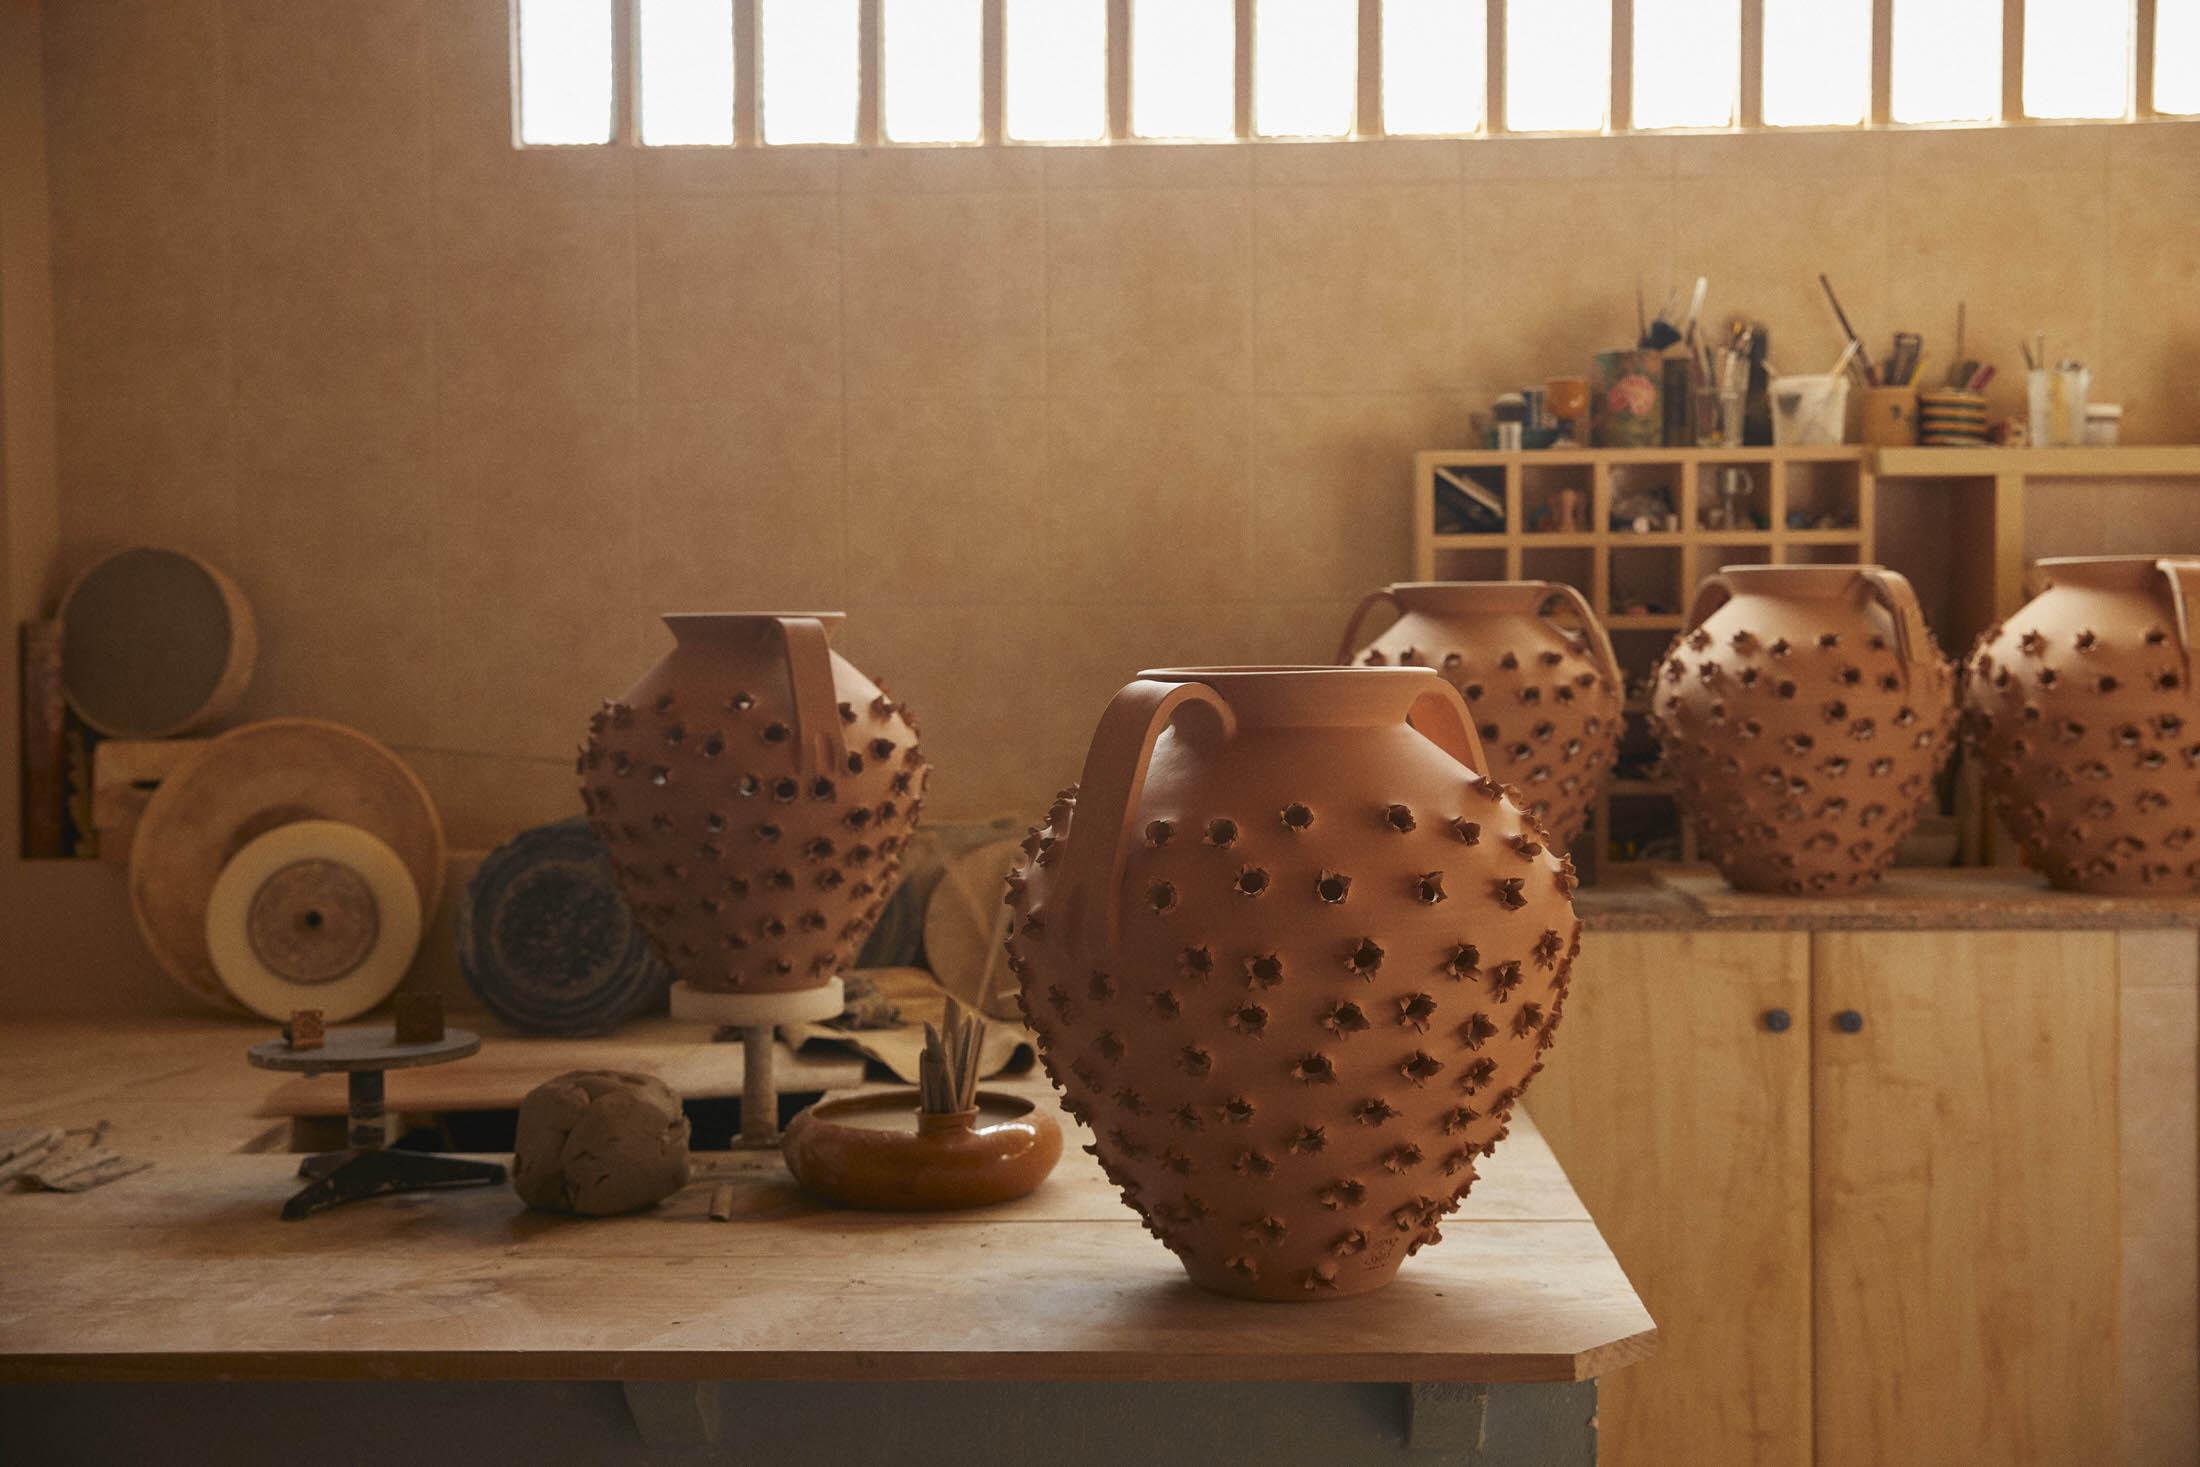 Loewe Waves Ceramic Artist Antonio Pereira Yellowtrace 04